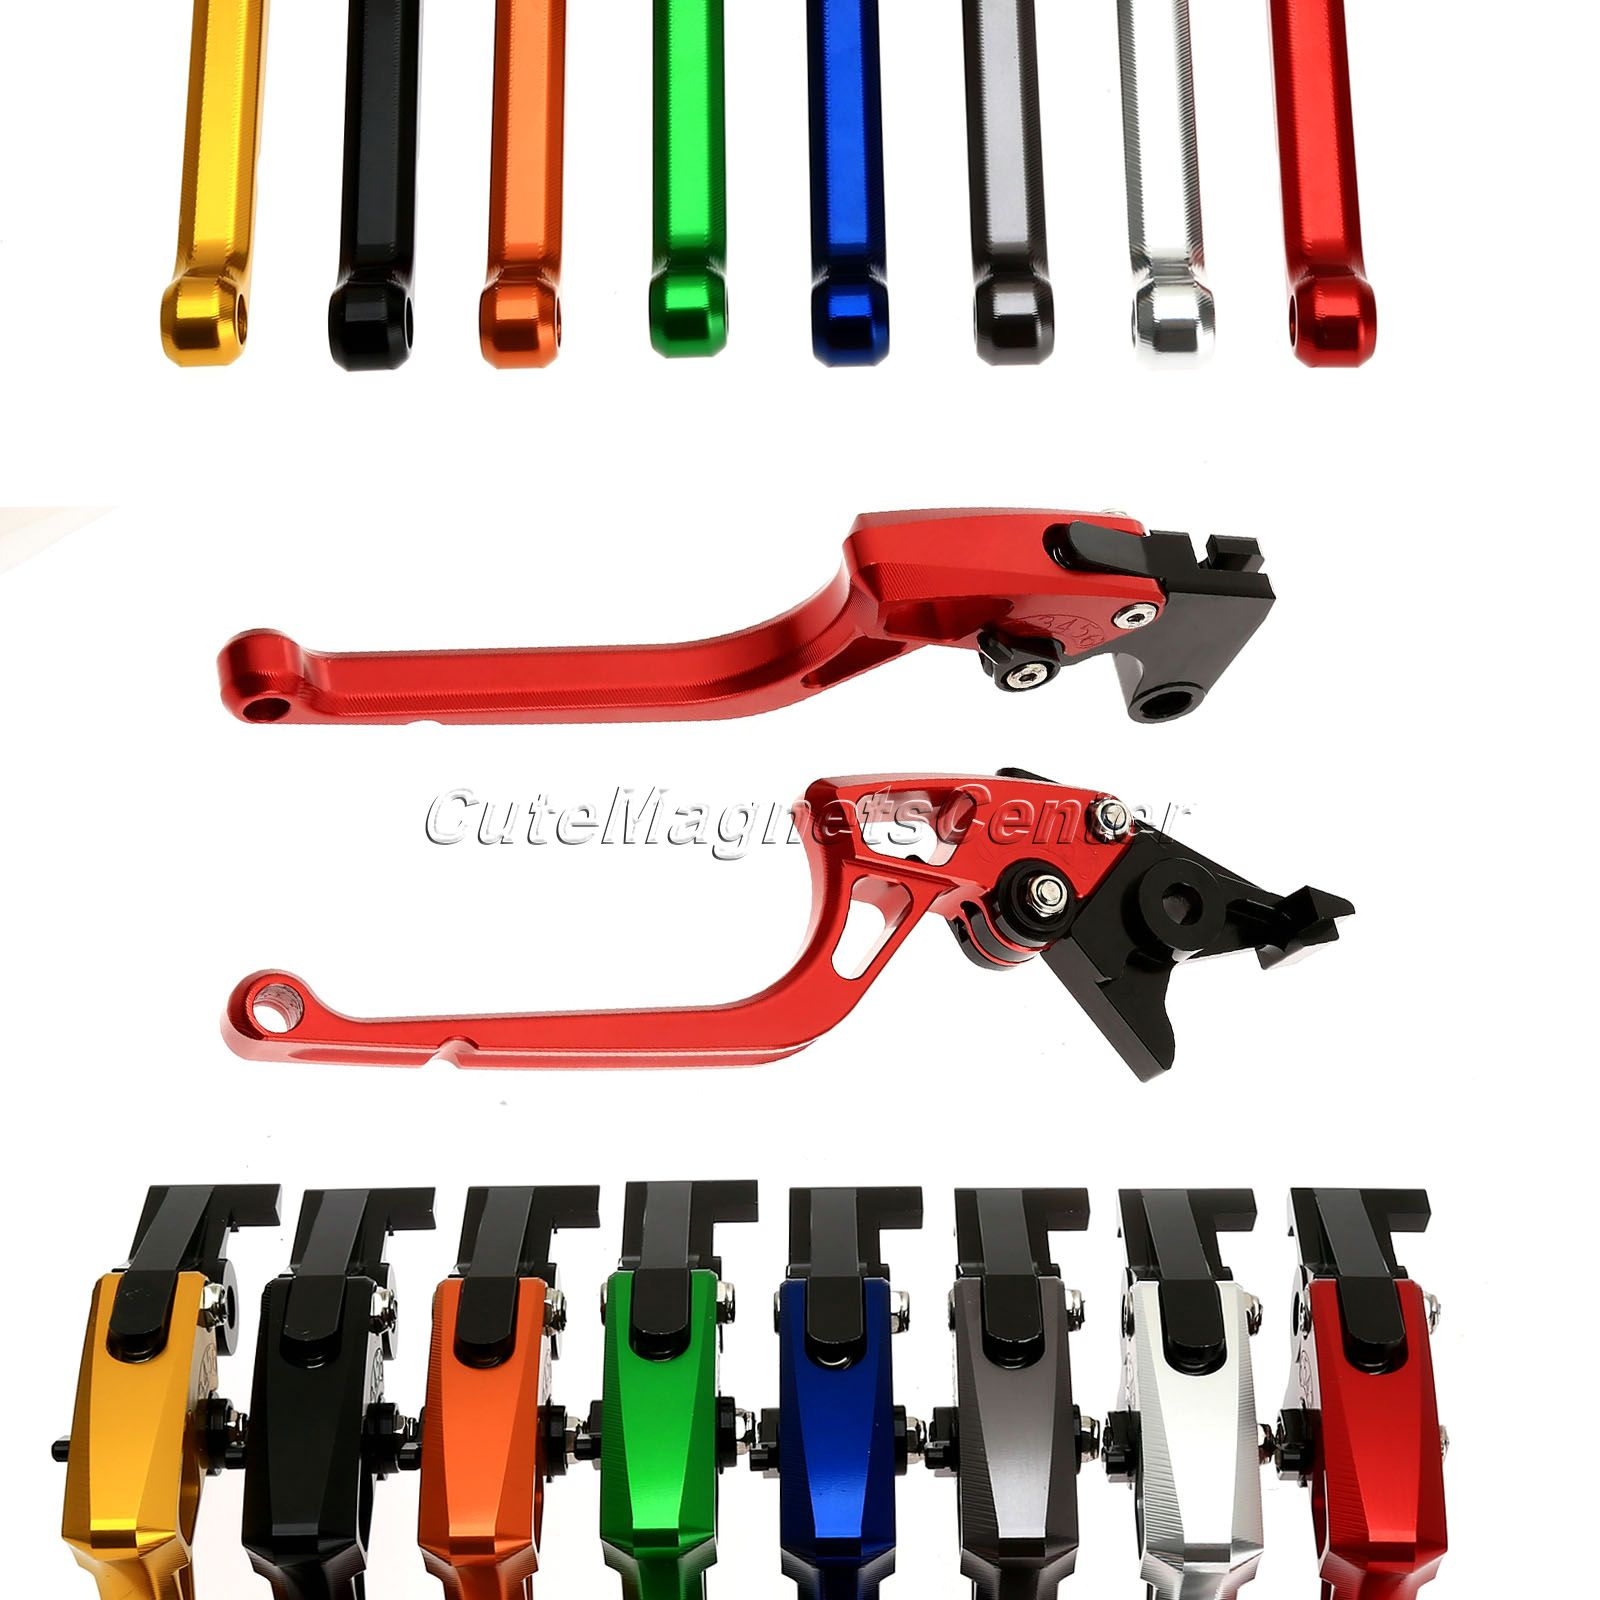 Adjustable CNC Aluminum Motorcycle Adjuster Brake Clutch Lever For Kawasaki ZR750 ZEPHYR 1991 ER-5 Motorbike Brake Clutch Levers<br>